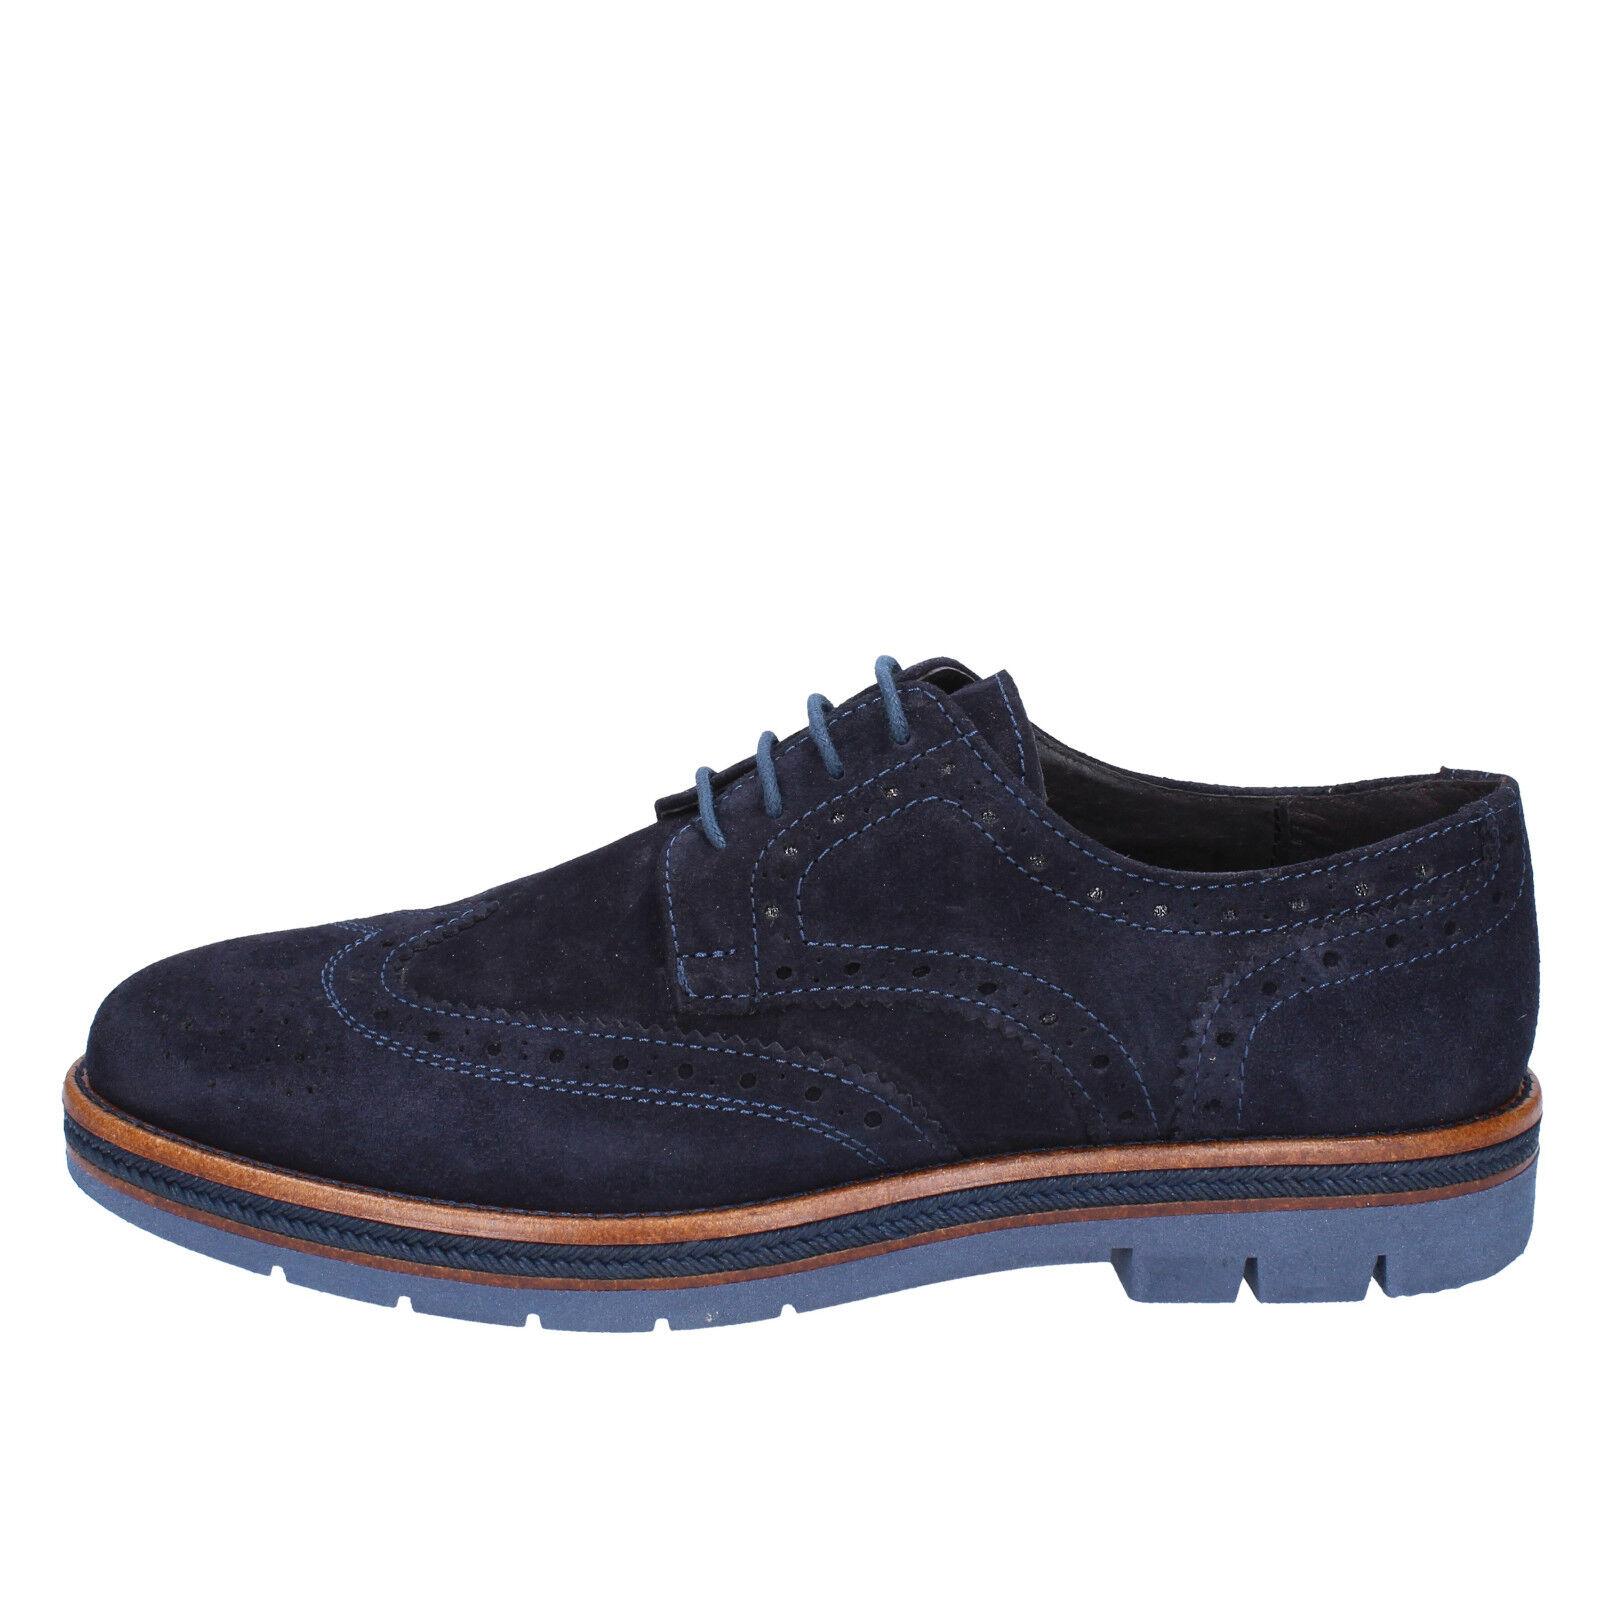 scarpe uomo classiche OSSIANI 39 EU classiche uomo blu camoscio BX307 87b37c